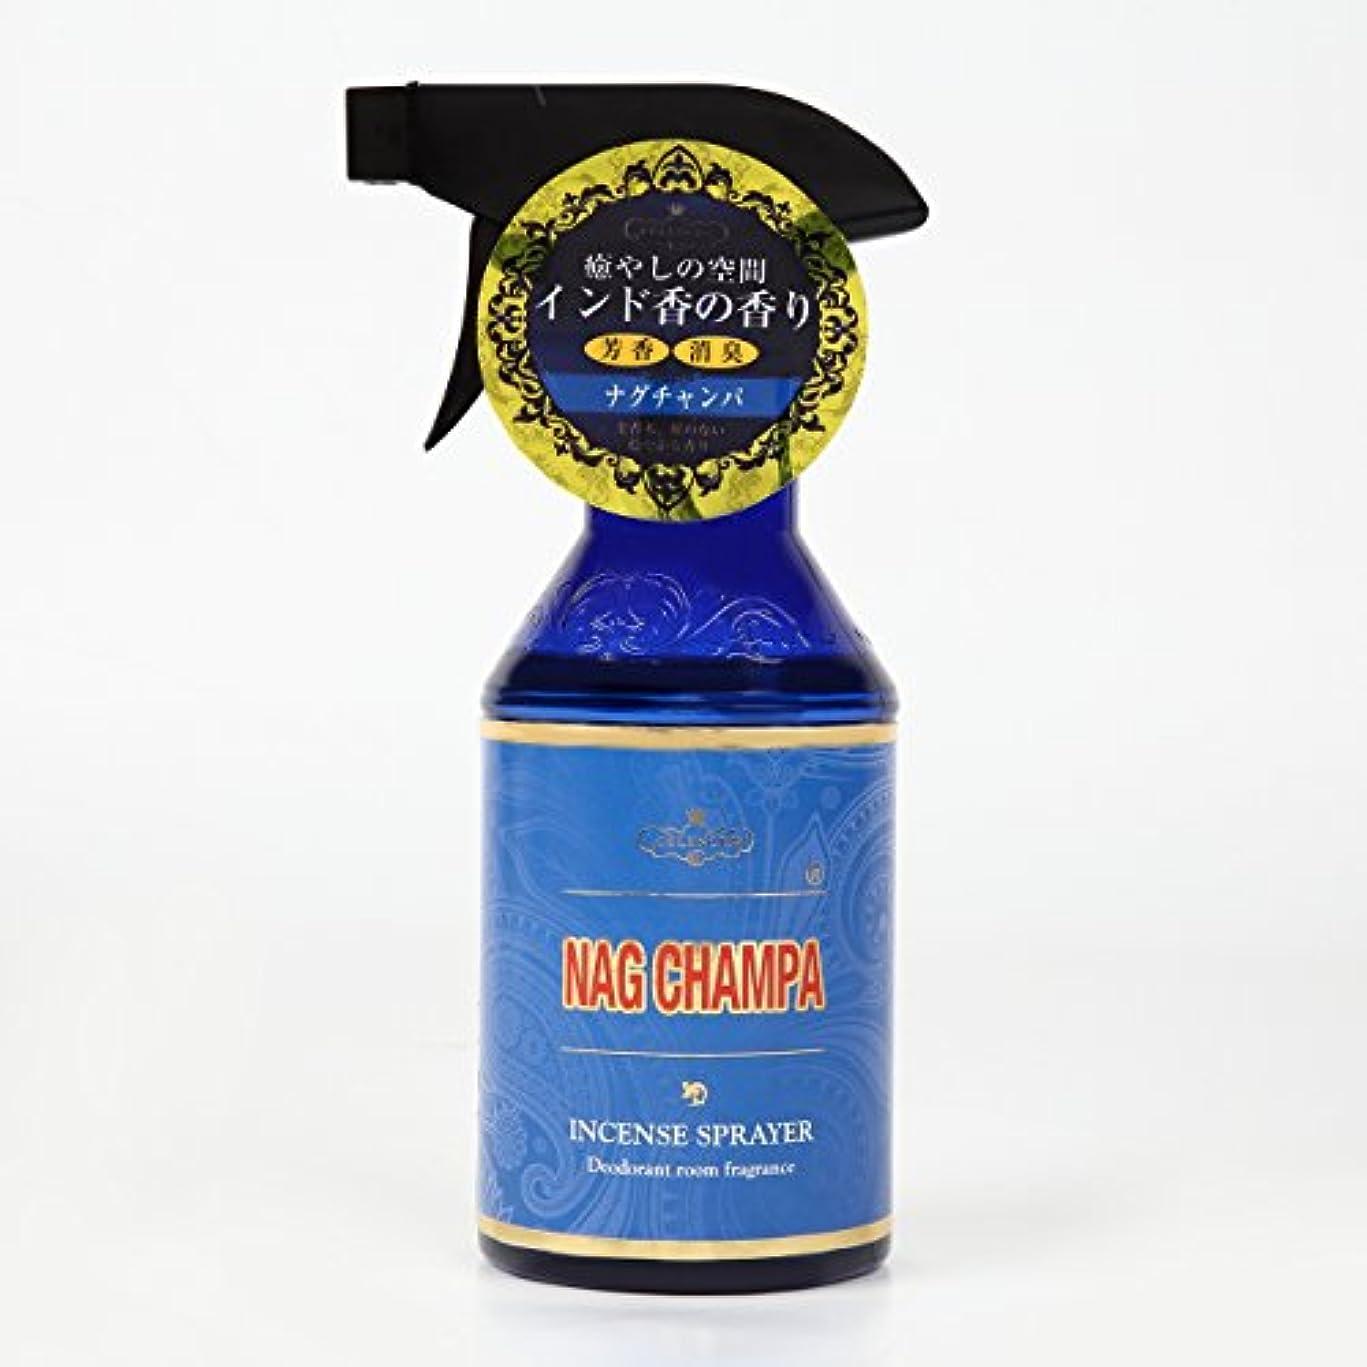 哲学的分解する計画的お香の香りの芳香剤 セレンスフレグランスルームスプレー ナグチャンパ